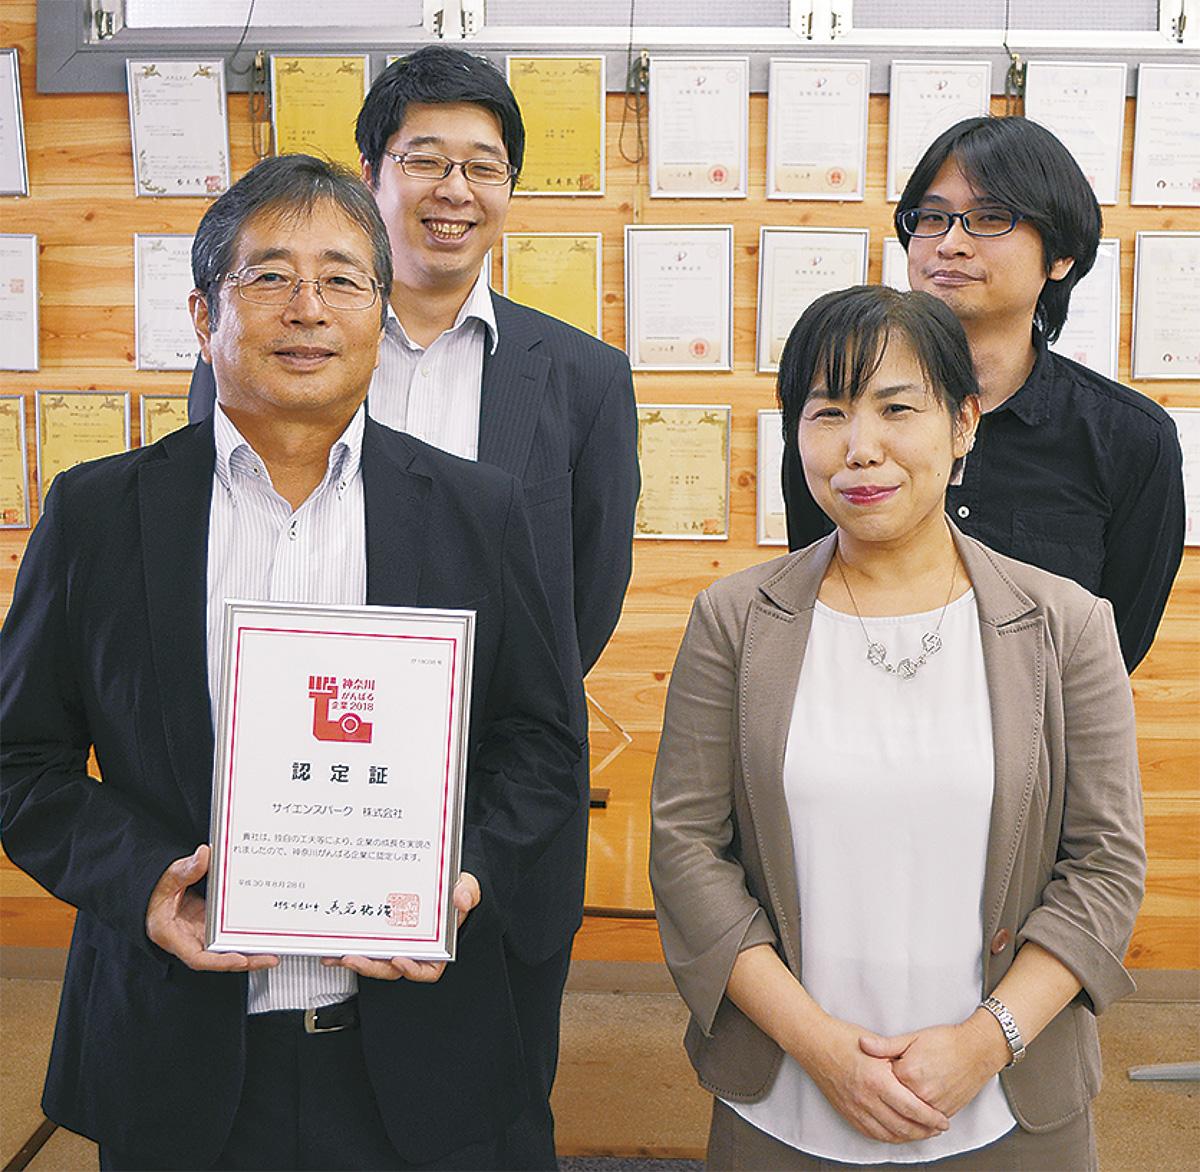 サイエンスパークの小路幸市郎代表取締役(前列左)と社員